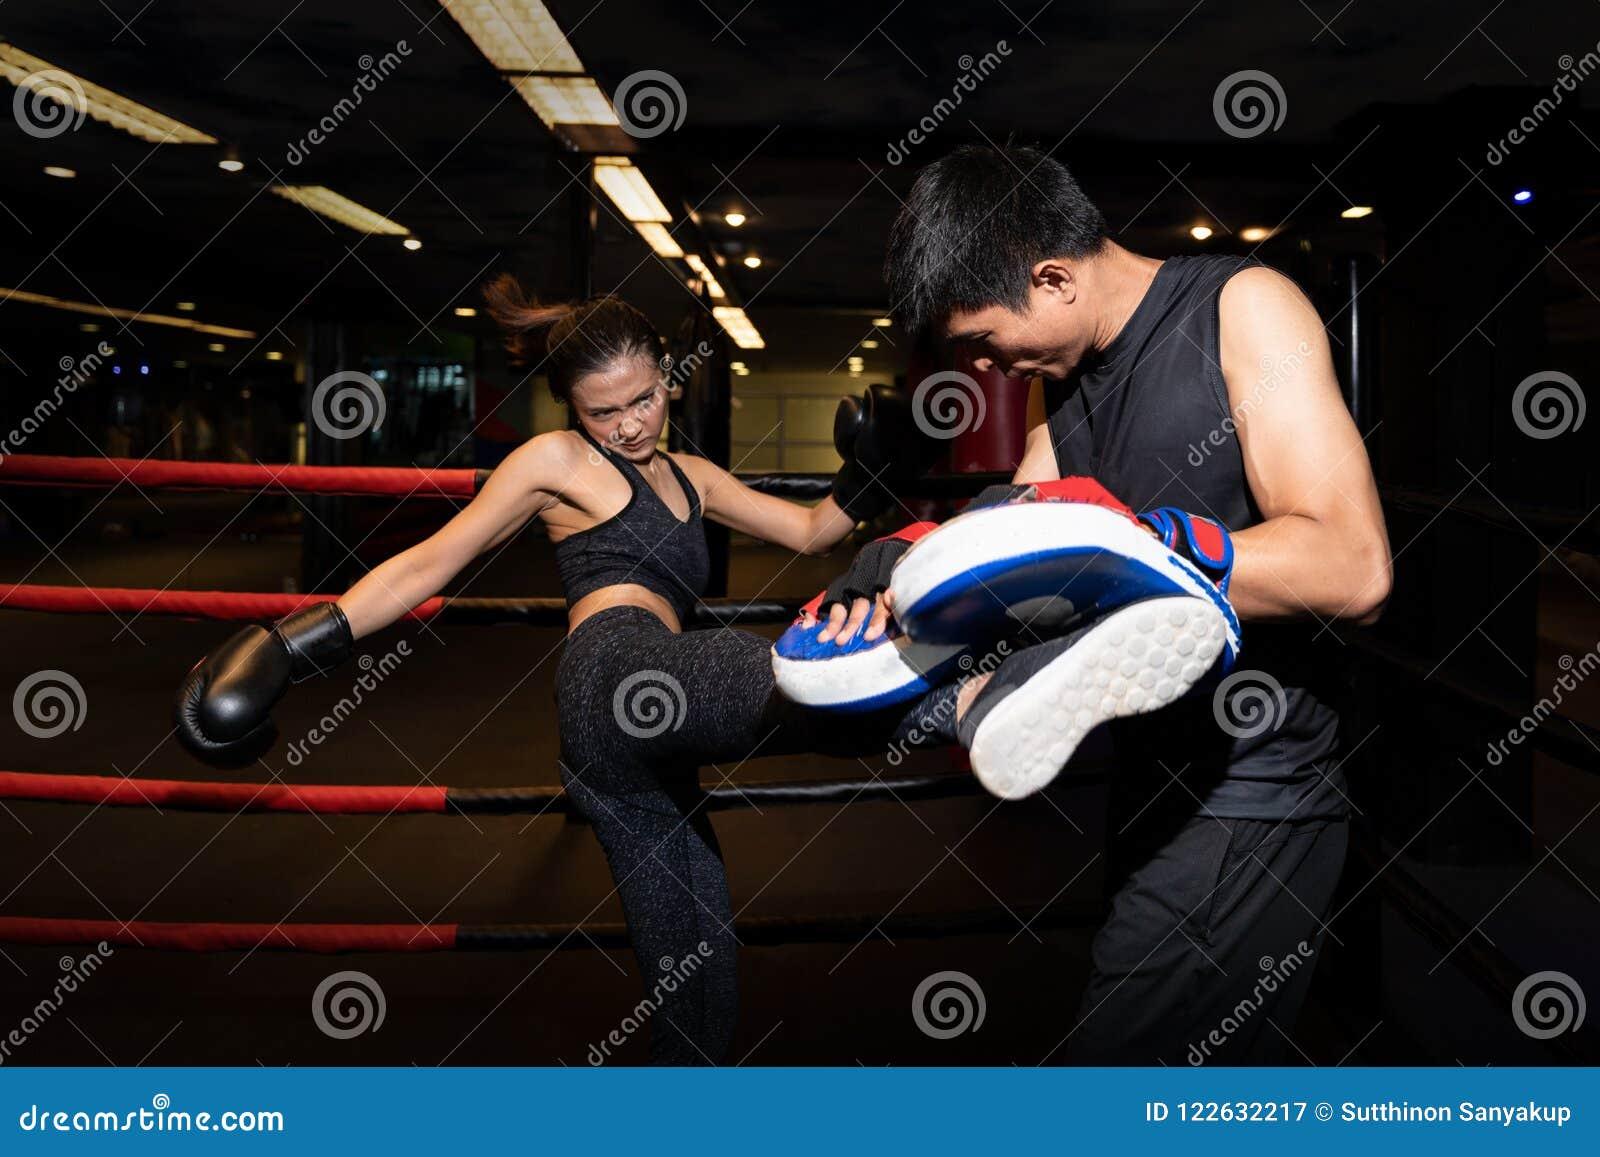 做反撞力锻炼的女孩在与个人教练员的kickboxing的训练期间